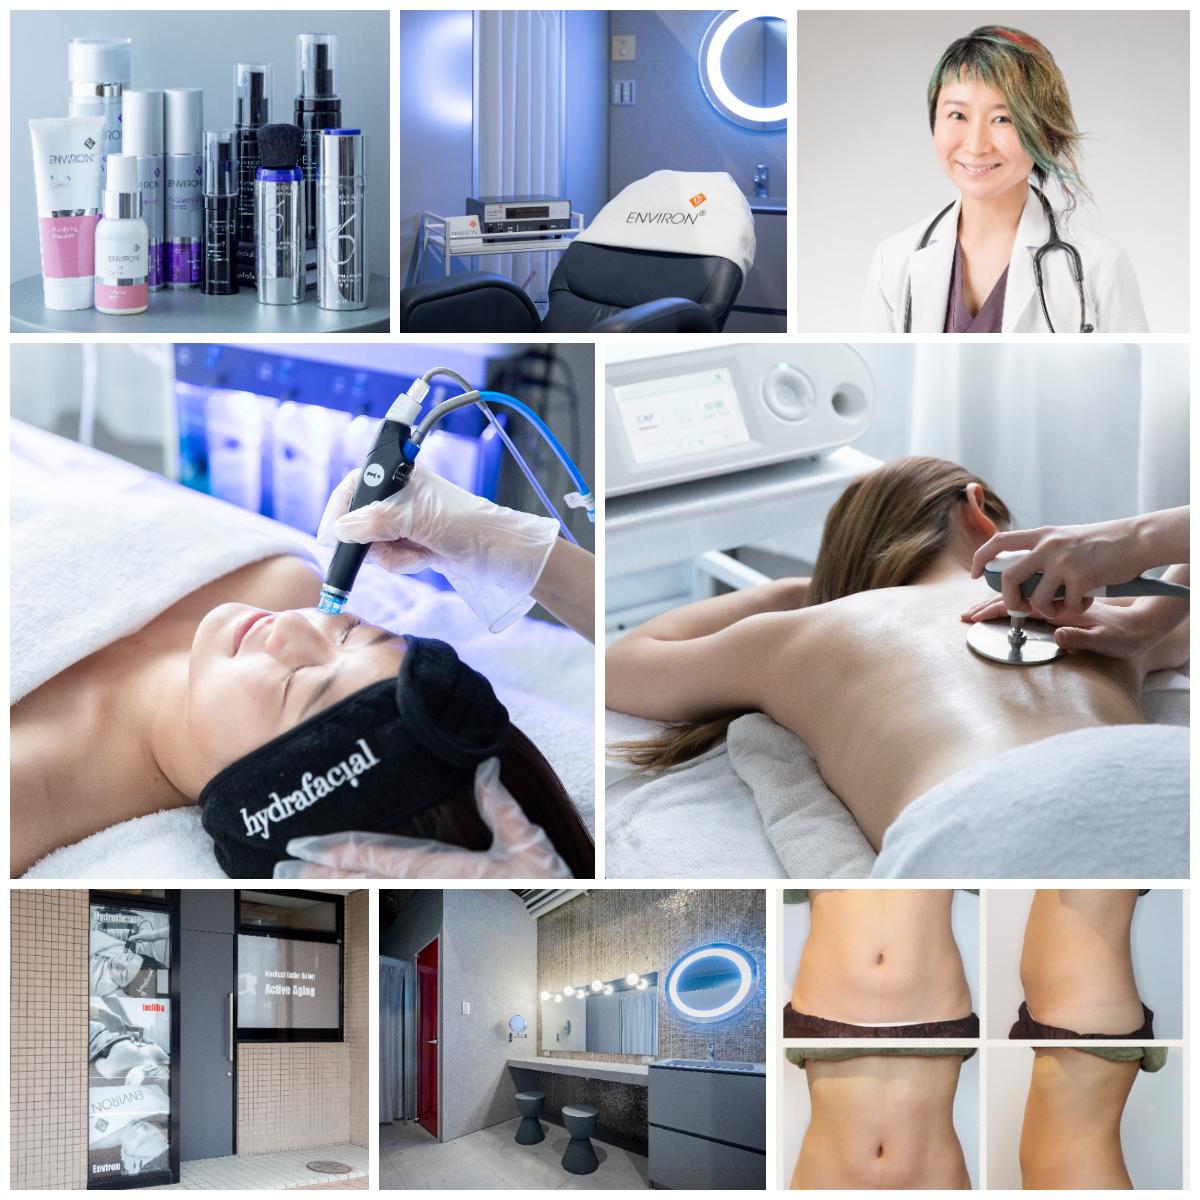 岡本病院監修 メディカルエステサロン 美容皮膚科医監修のメディカルエステサロンでこの夏、クリア肌&美脚づくり。